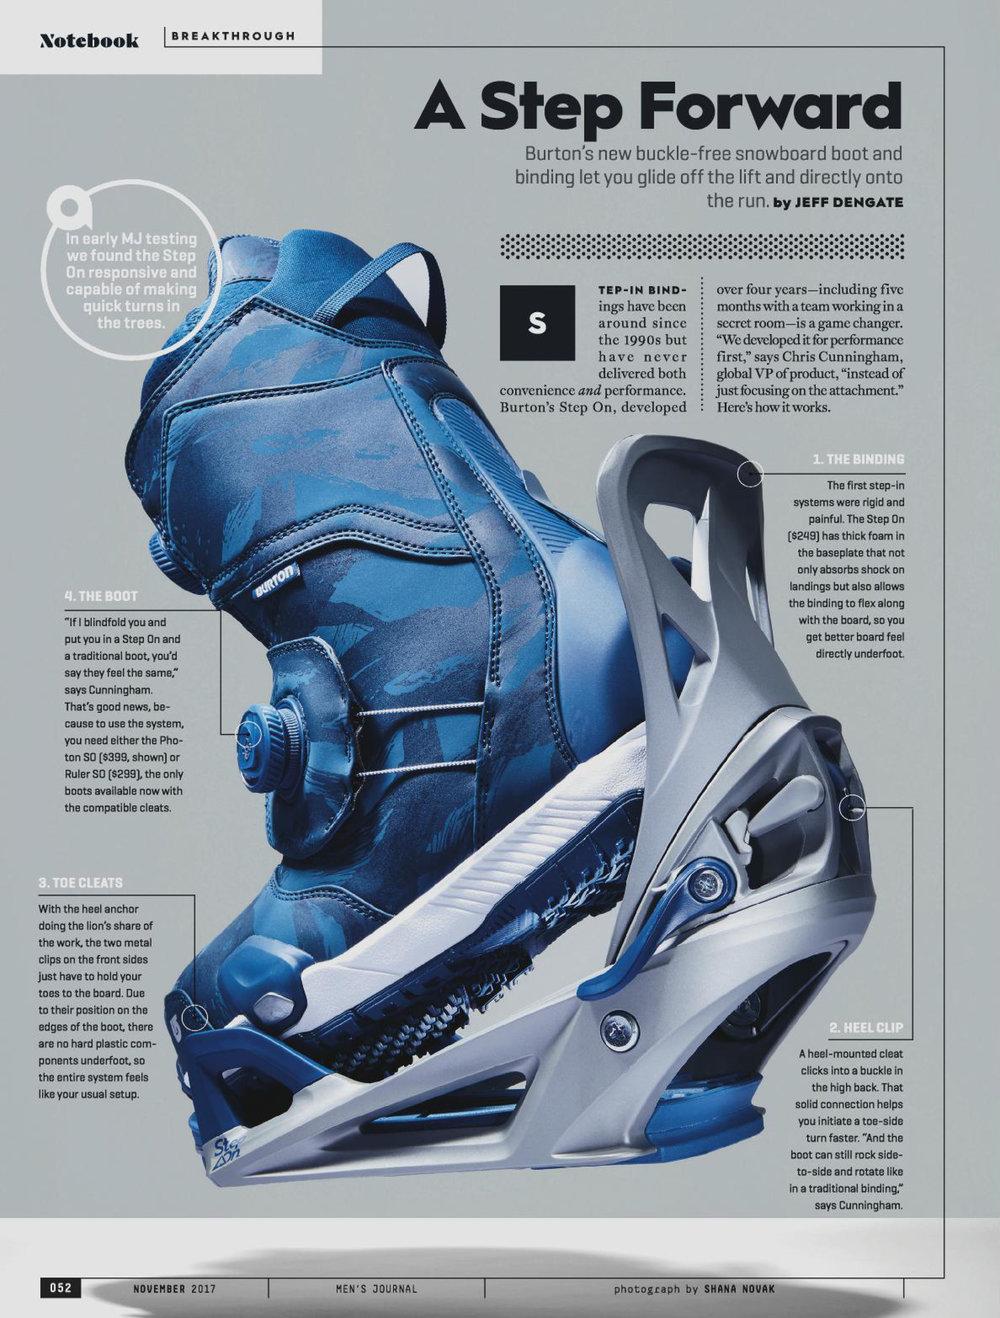 Novak_SnowboardShoe_MJ.jpg